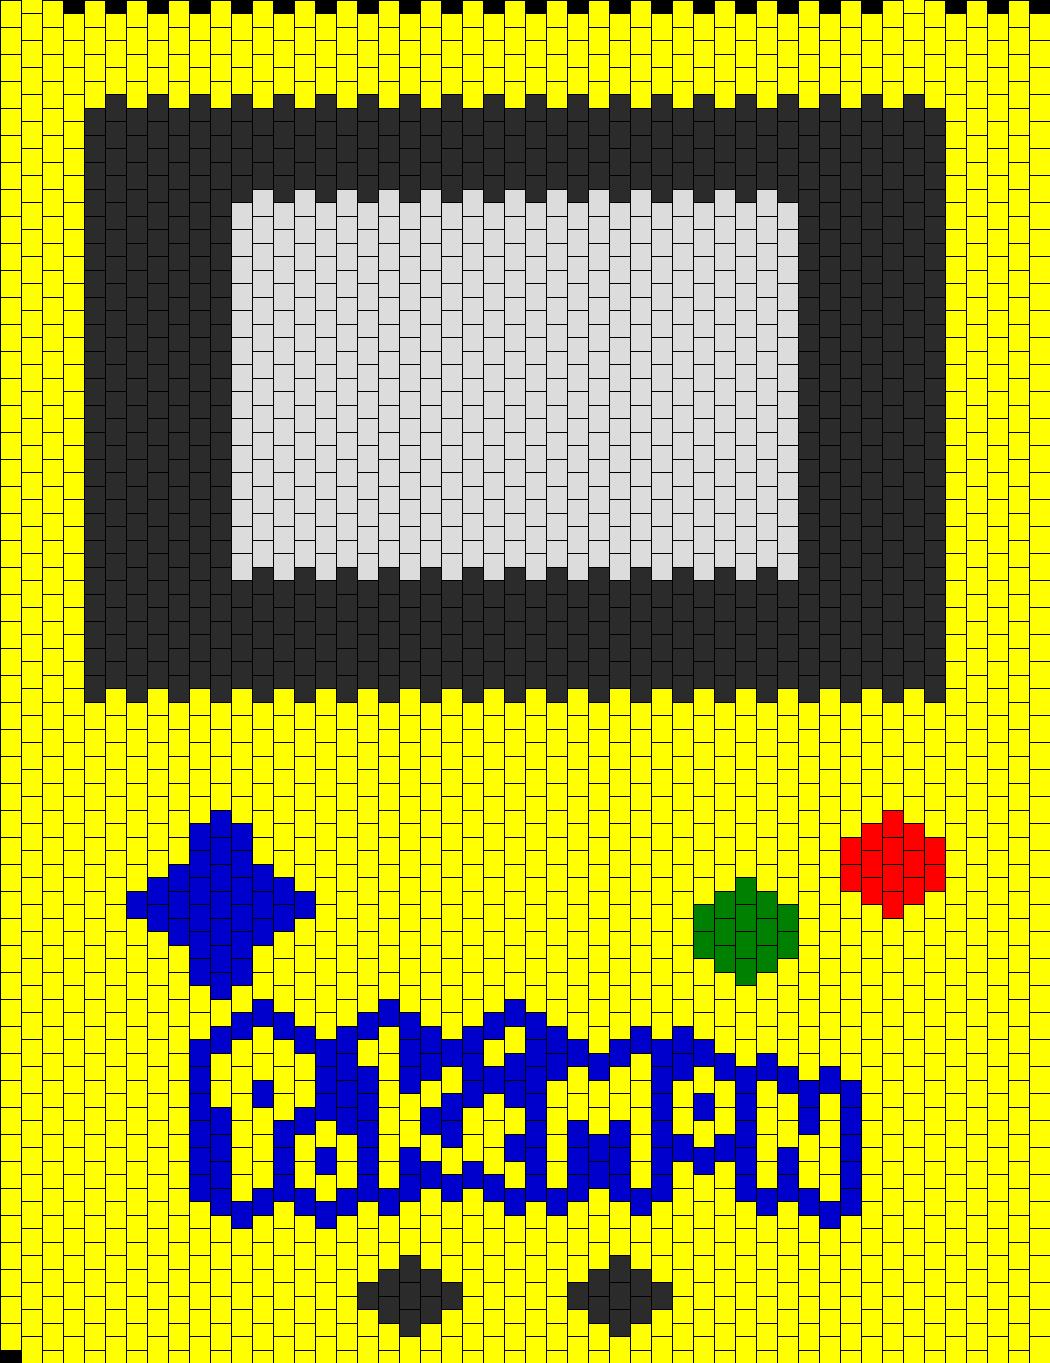 Pikachugameboy